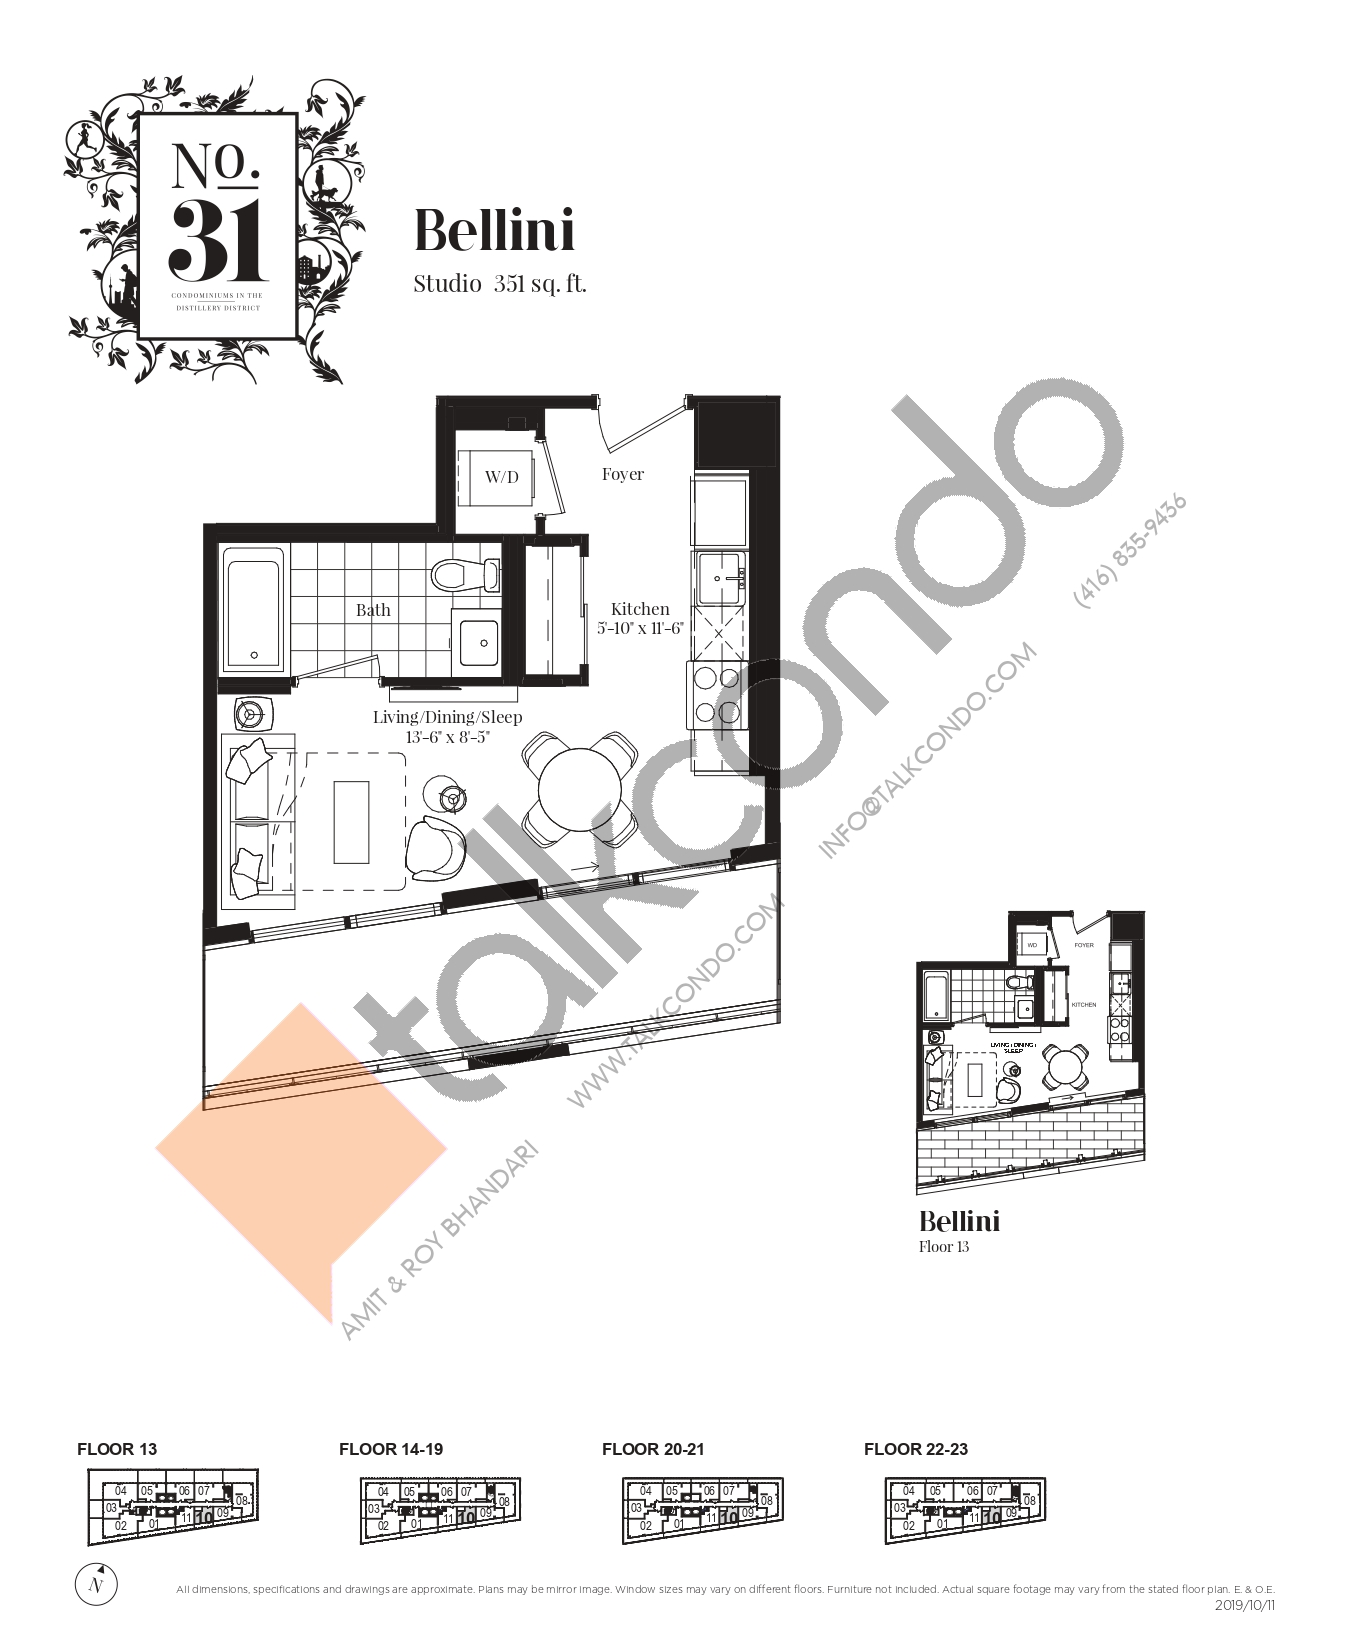 Bellini Floor Plan at No. 31 Condos - 351 sq.ft